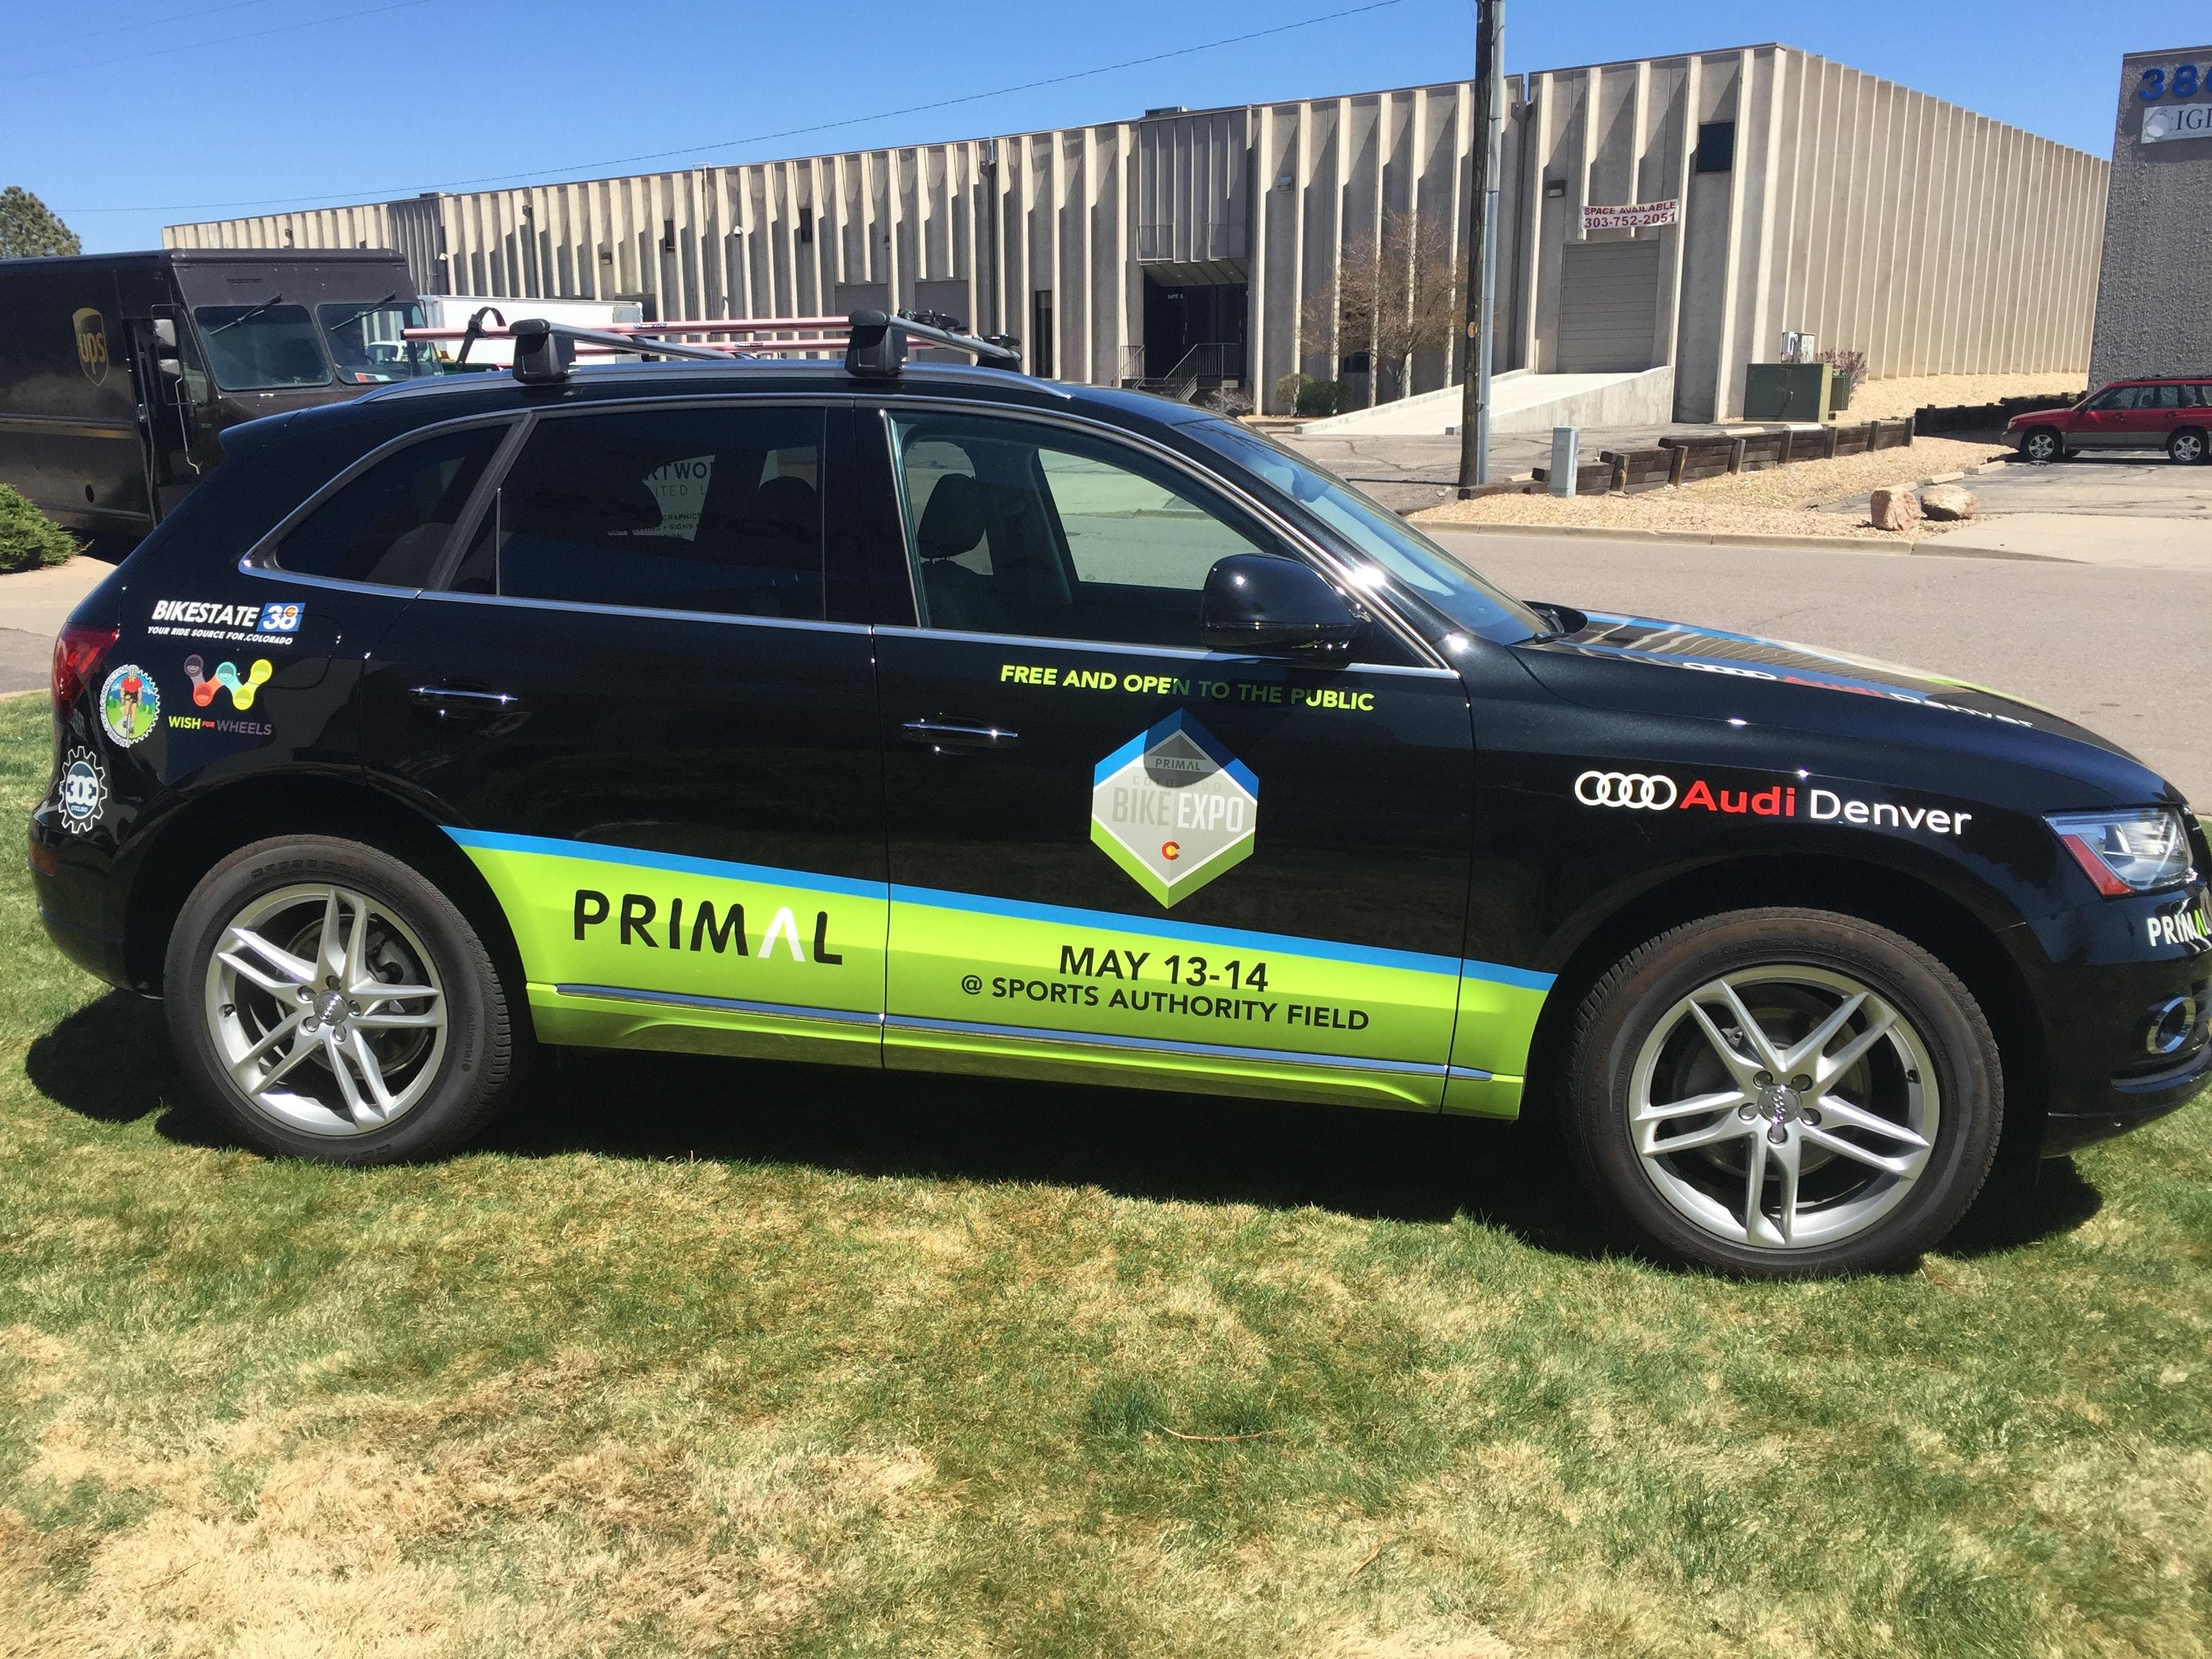 Audi Denver Sponsors The 2016 Primal Colorado Bike Expo Audi Denver